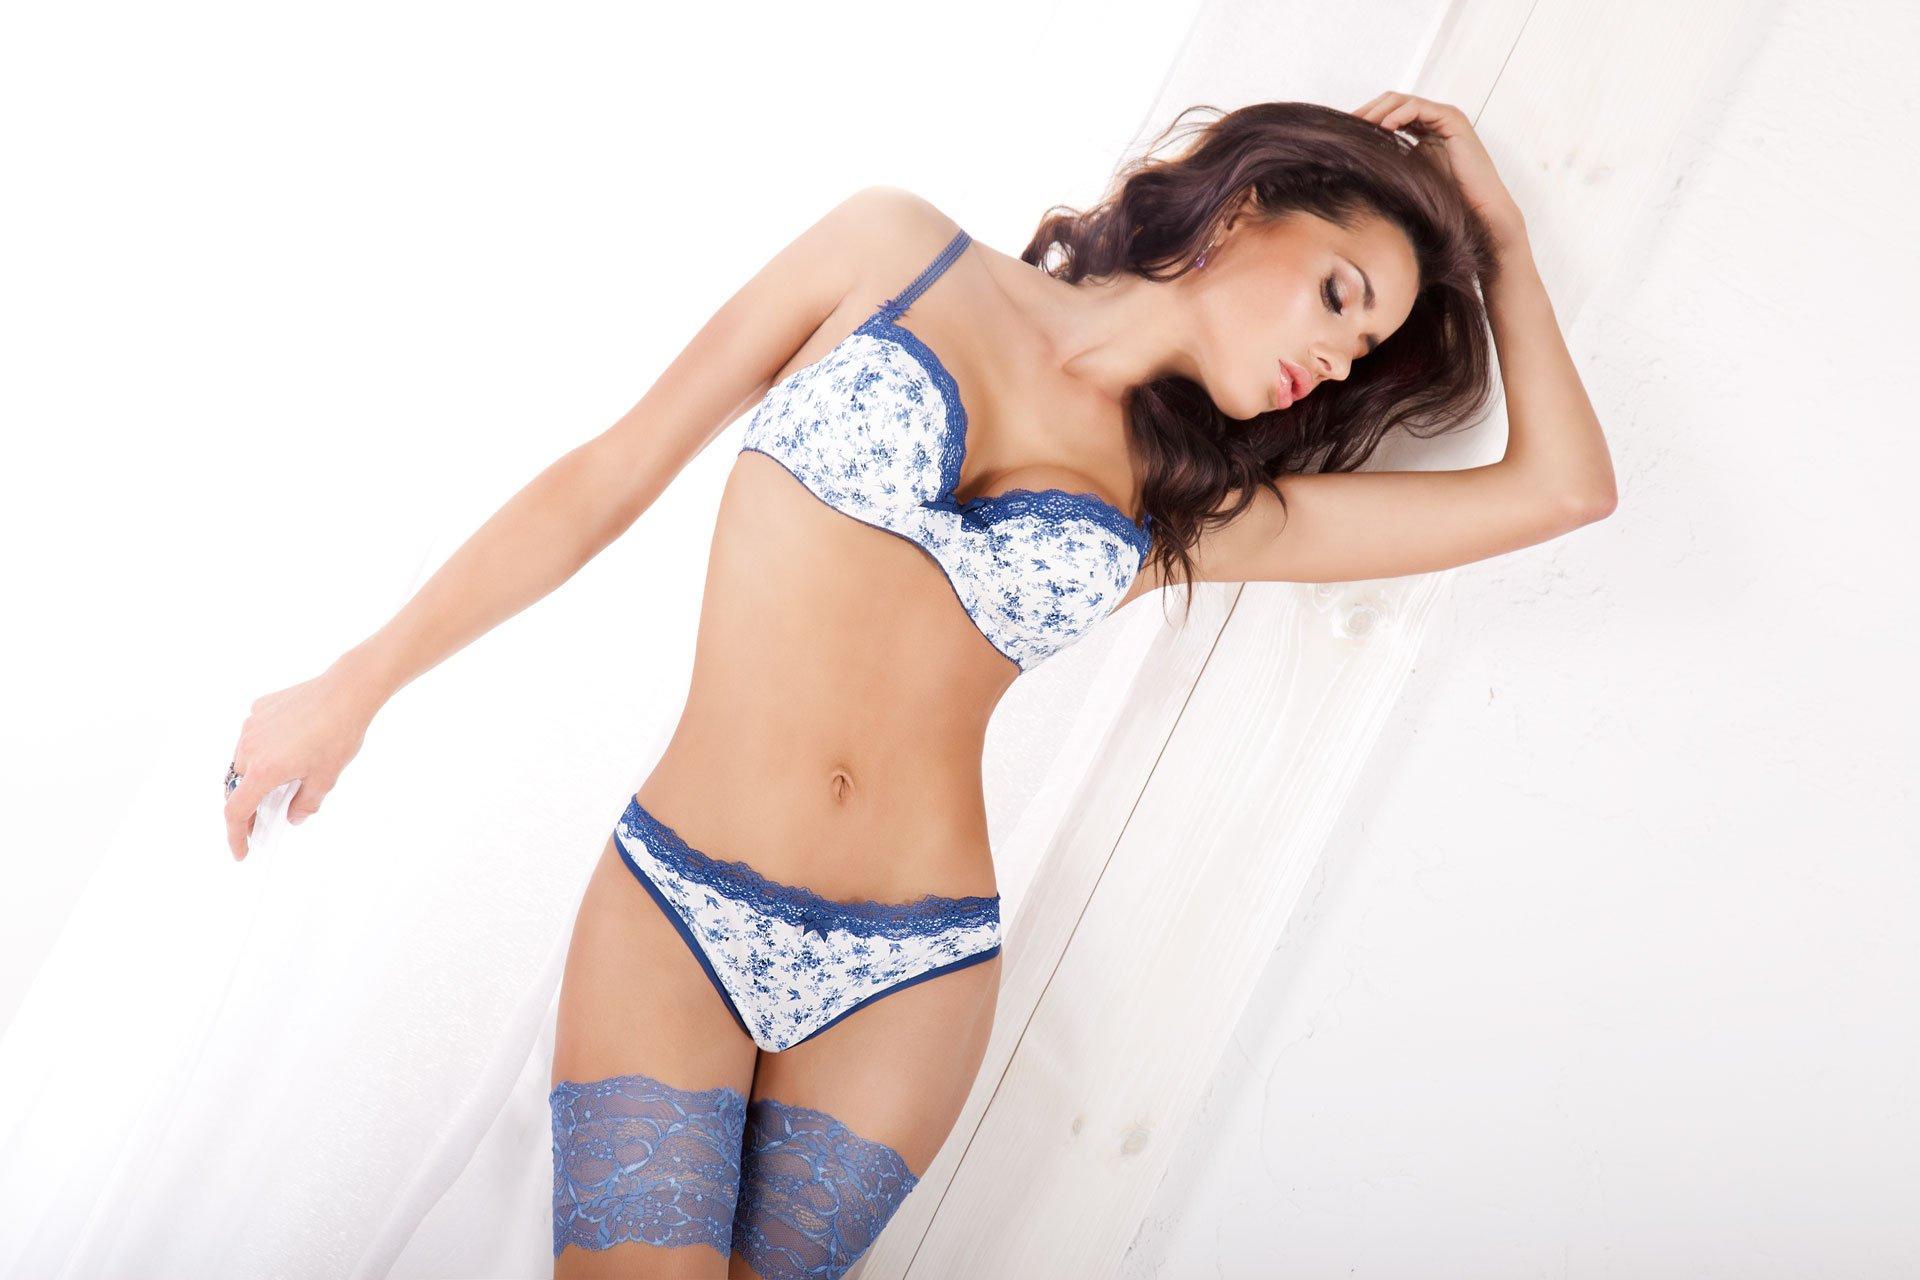 Natalia Siwiec Hot